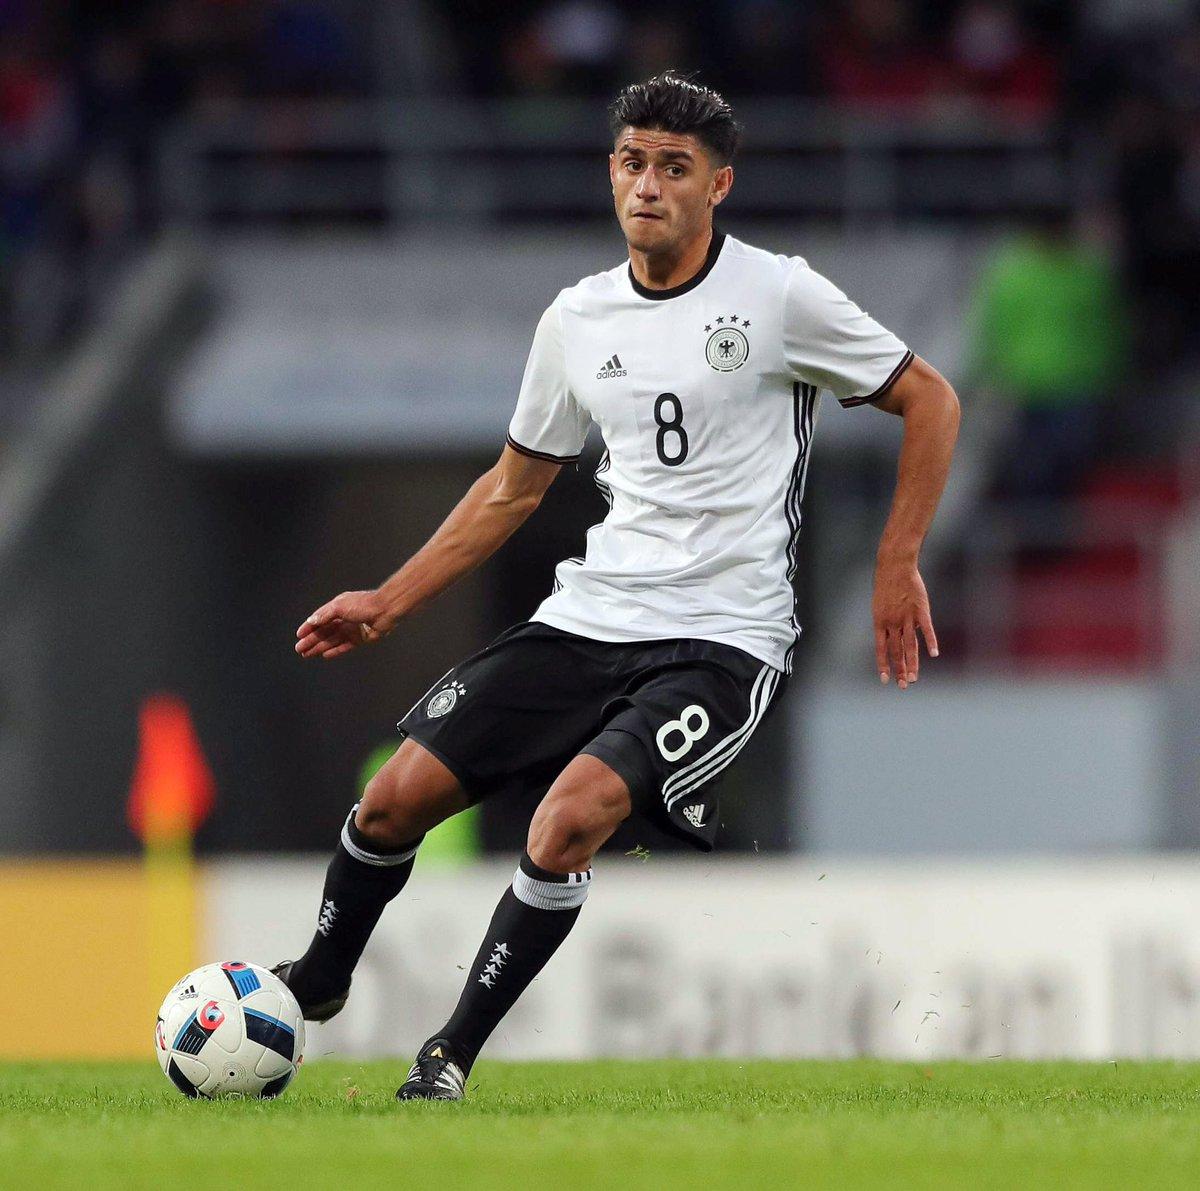 👍 Borussia Dortmund verpflichtet Mahmoud Dahoud - alle Infos dazu 👉 ht...